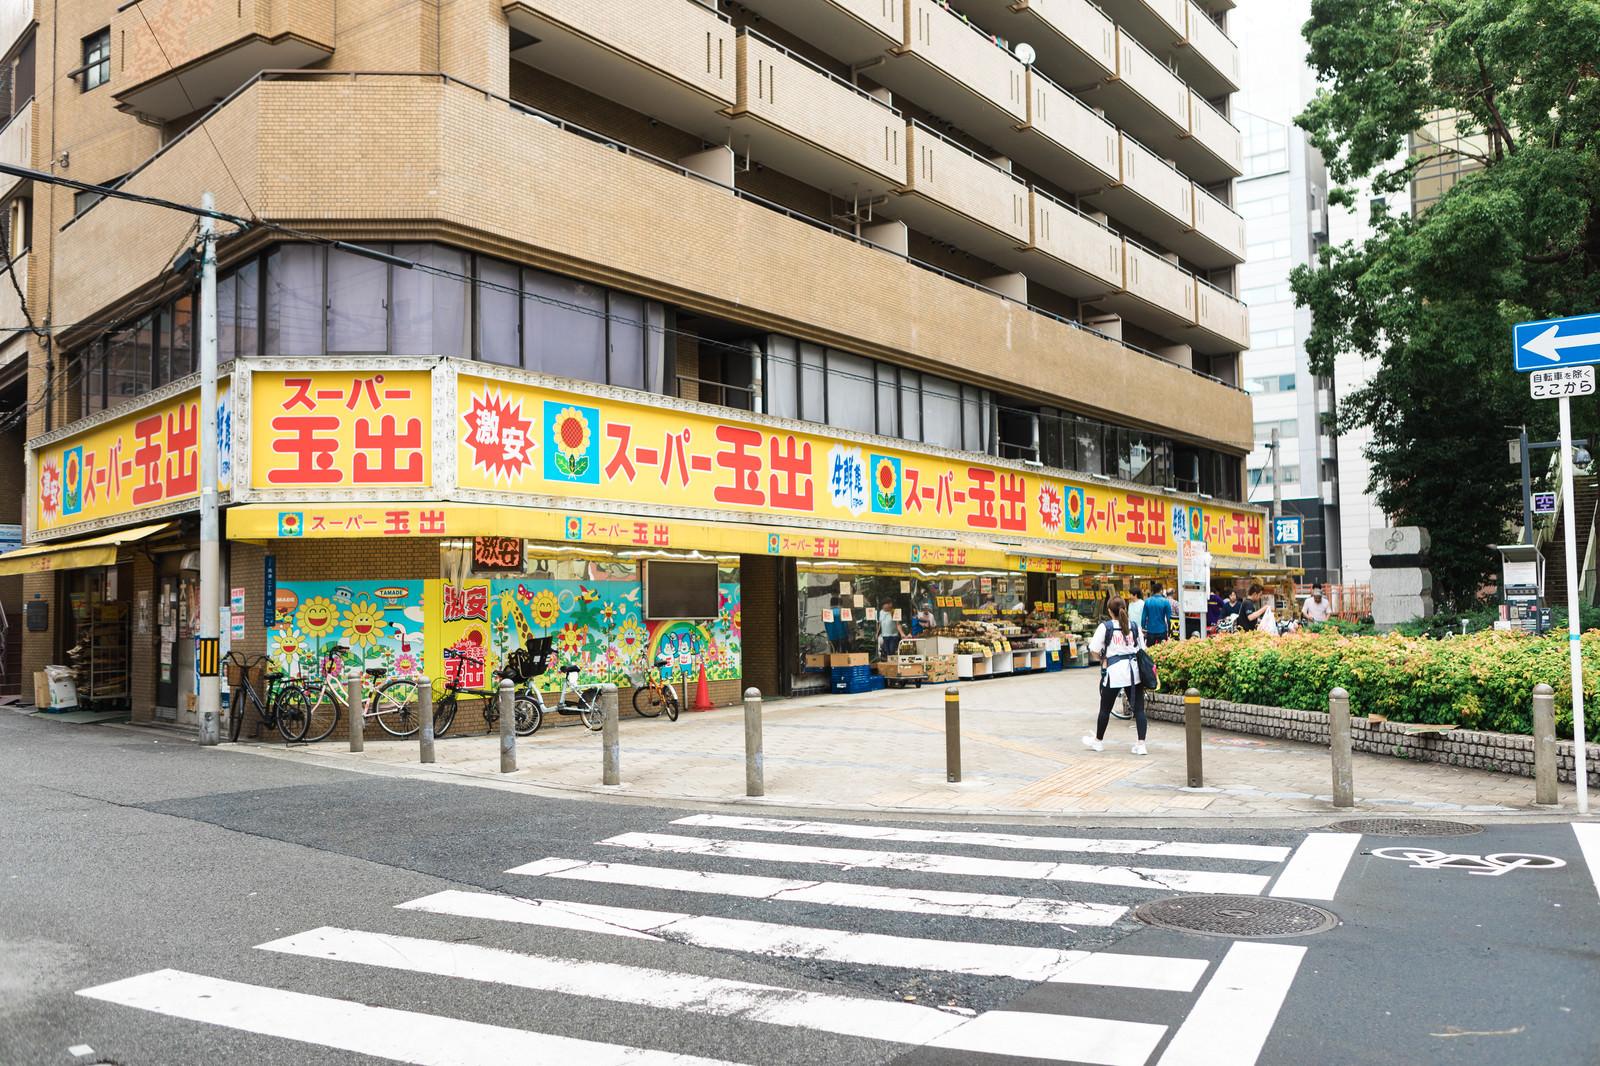 「激安スーパーと街並み」の写真